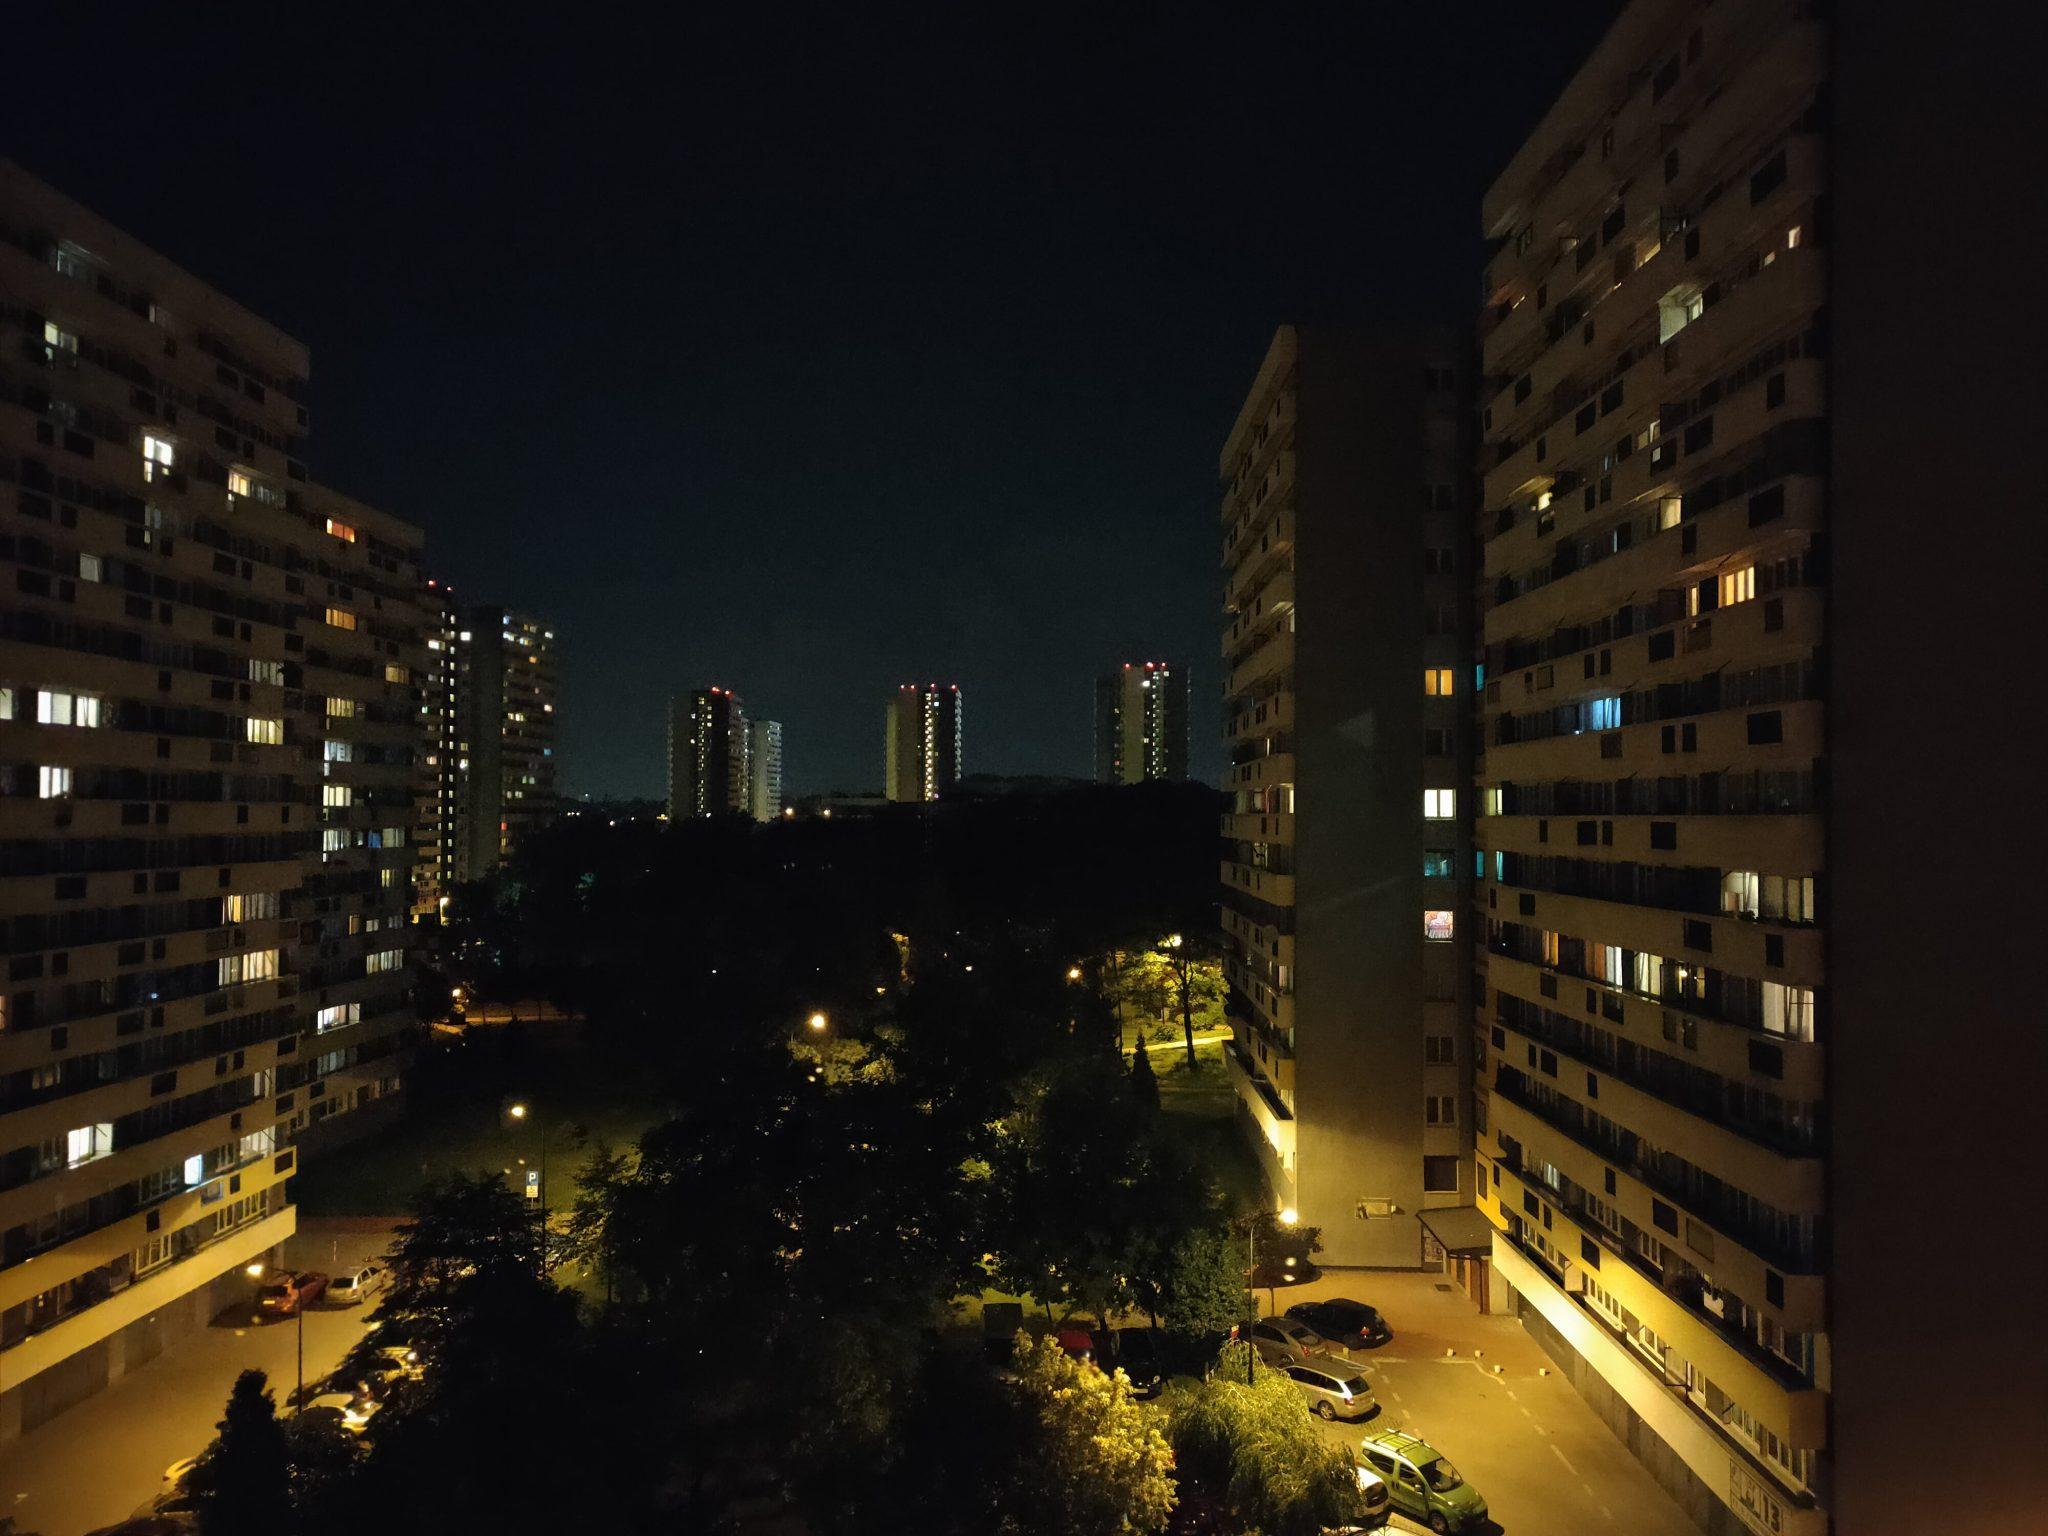 Zdjęcia nocne - Oppo Reno